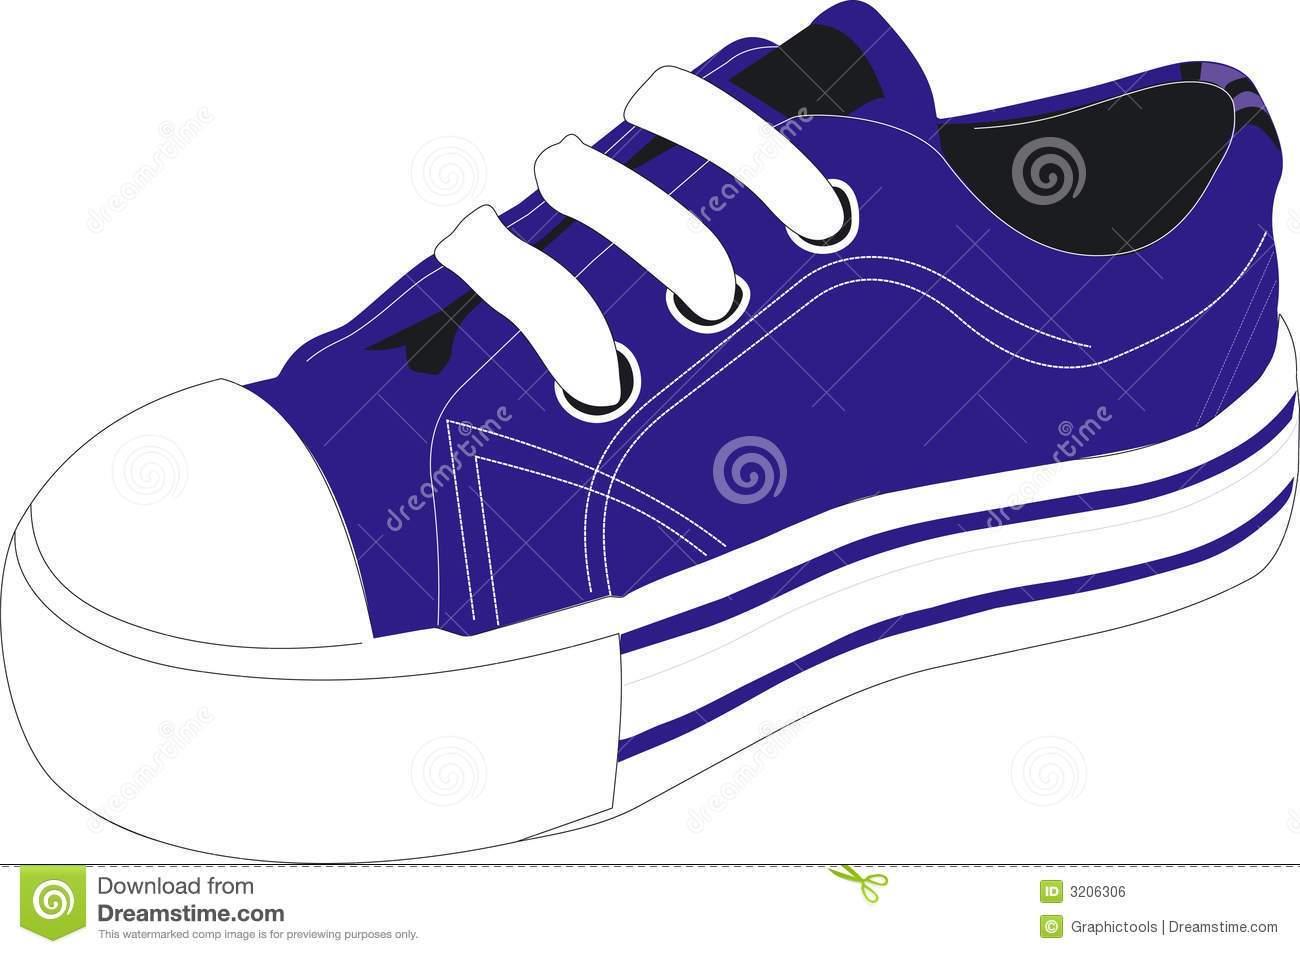 Blue shoes clipart 1 » Clipart Portal.